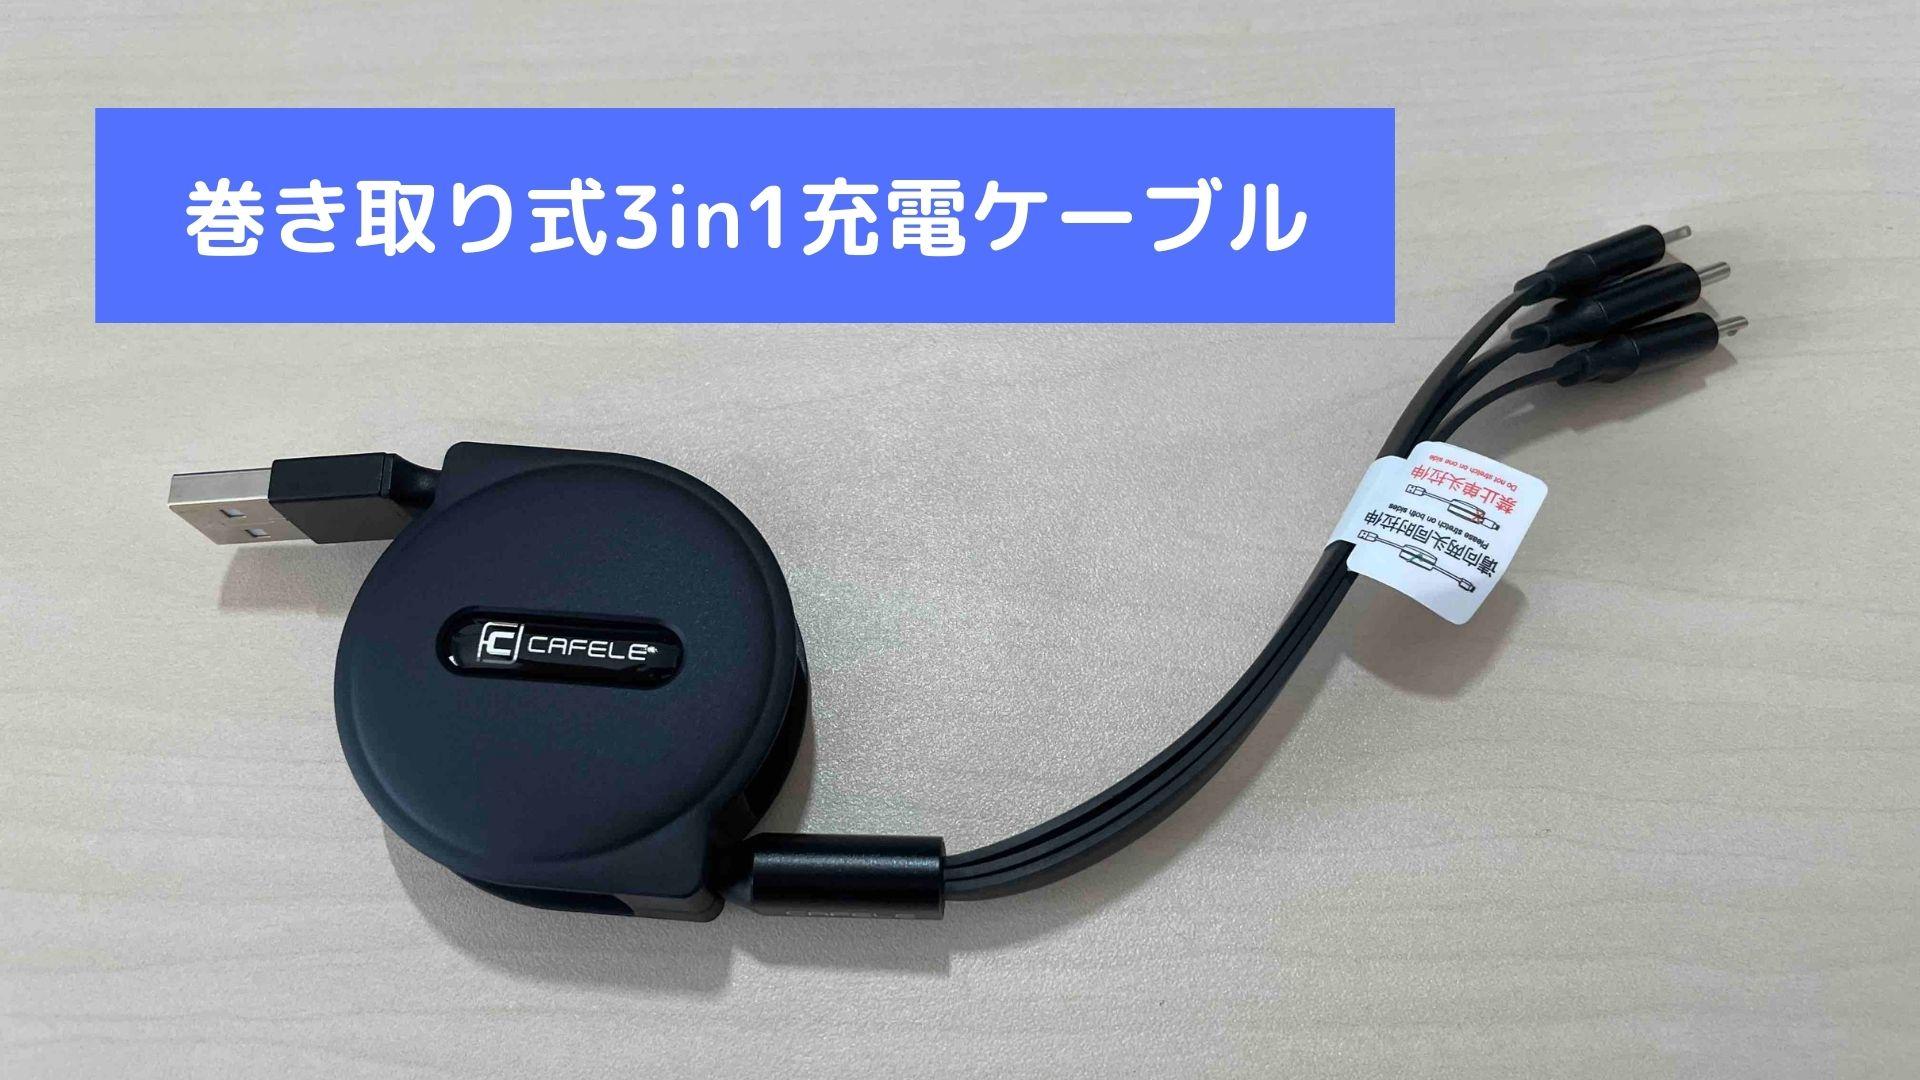 巻き取り式3in1充電ケーブル